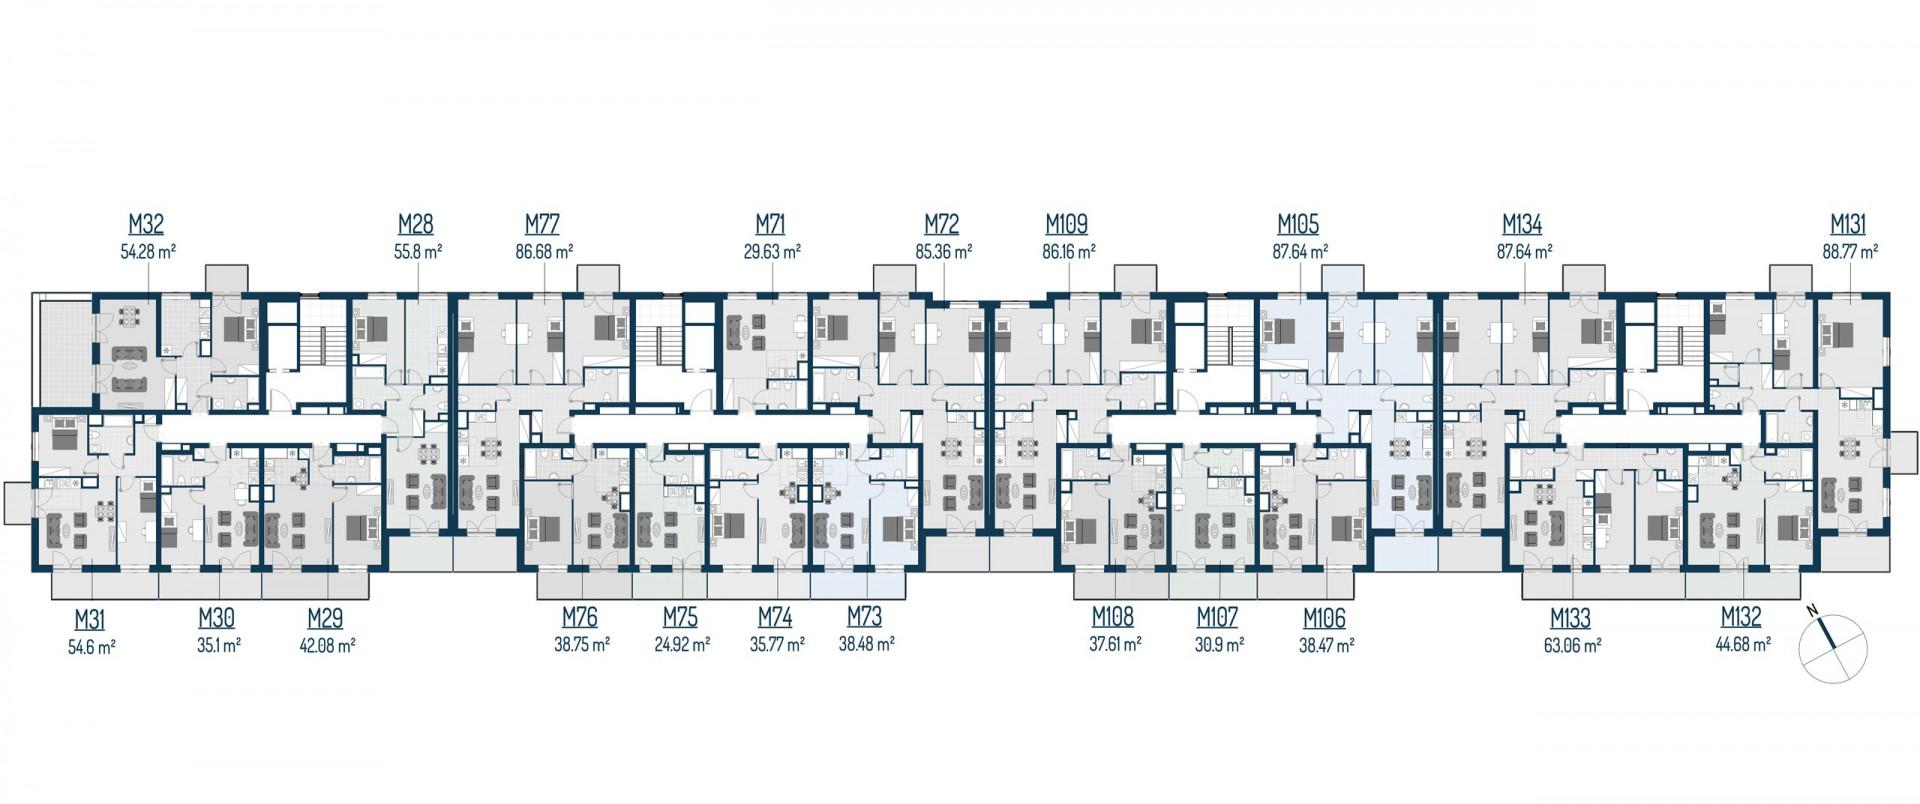 Zdrowe Stylove / budynek 2 / mieszkanie nr 72 rzut 2